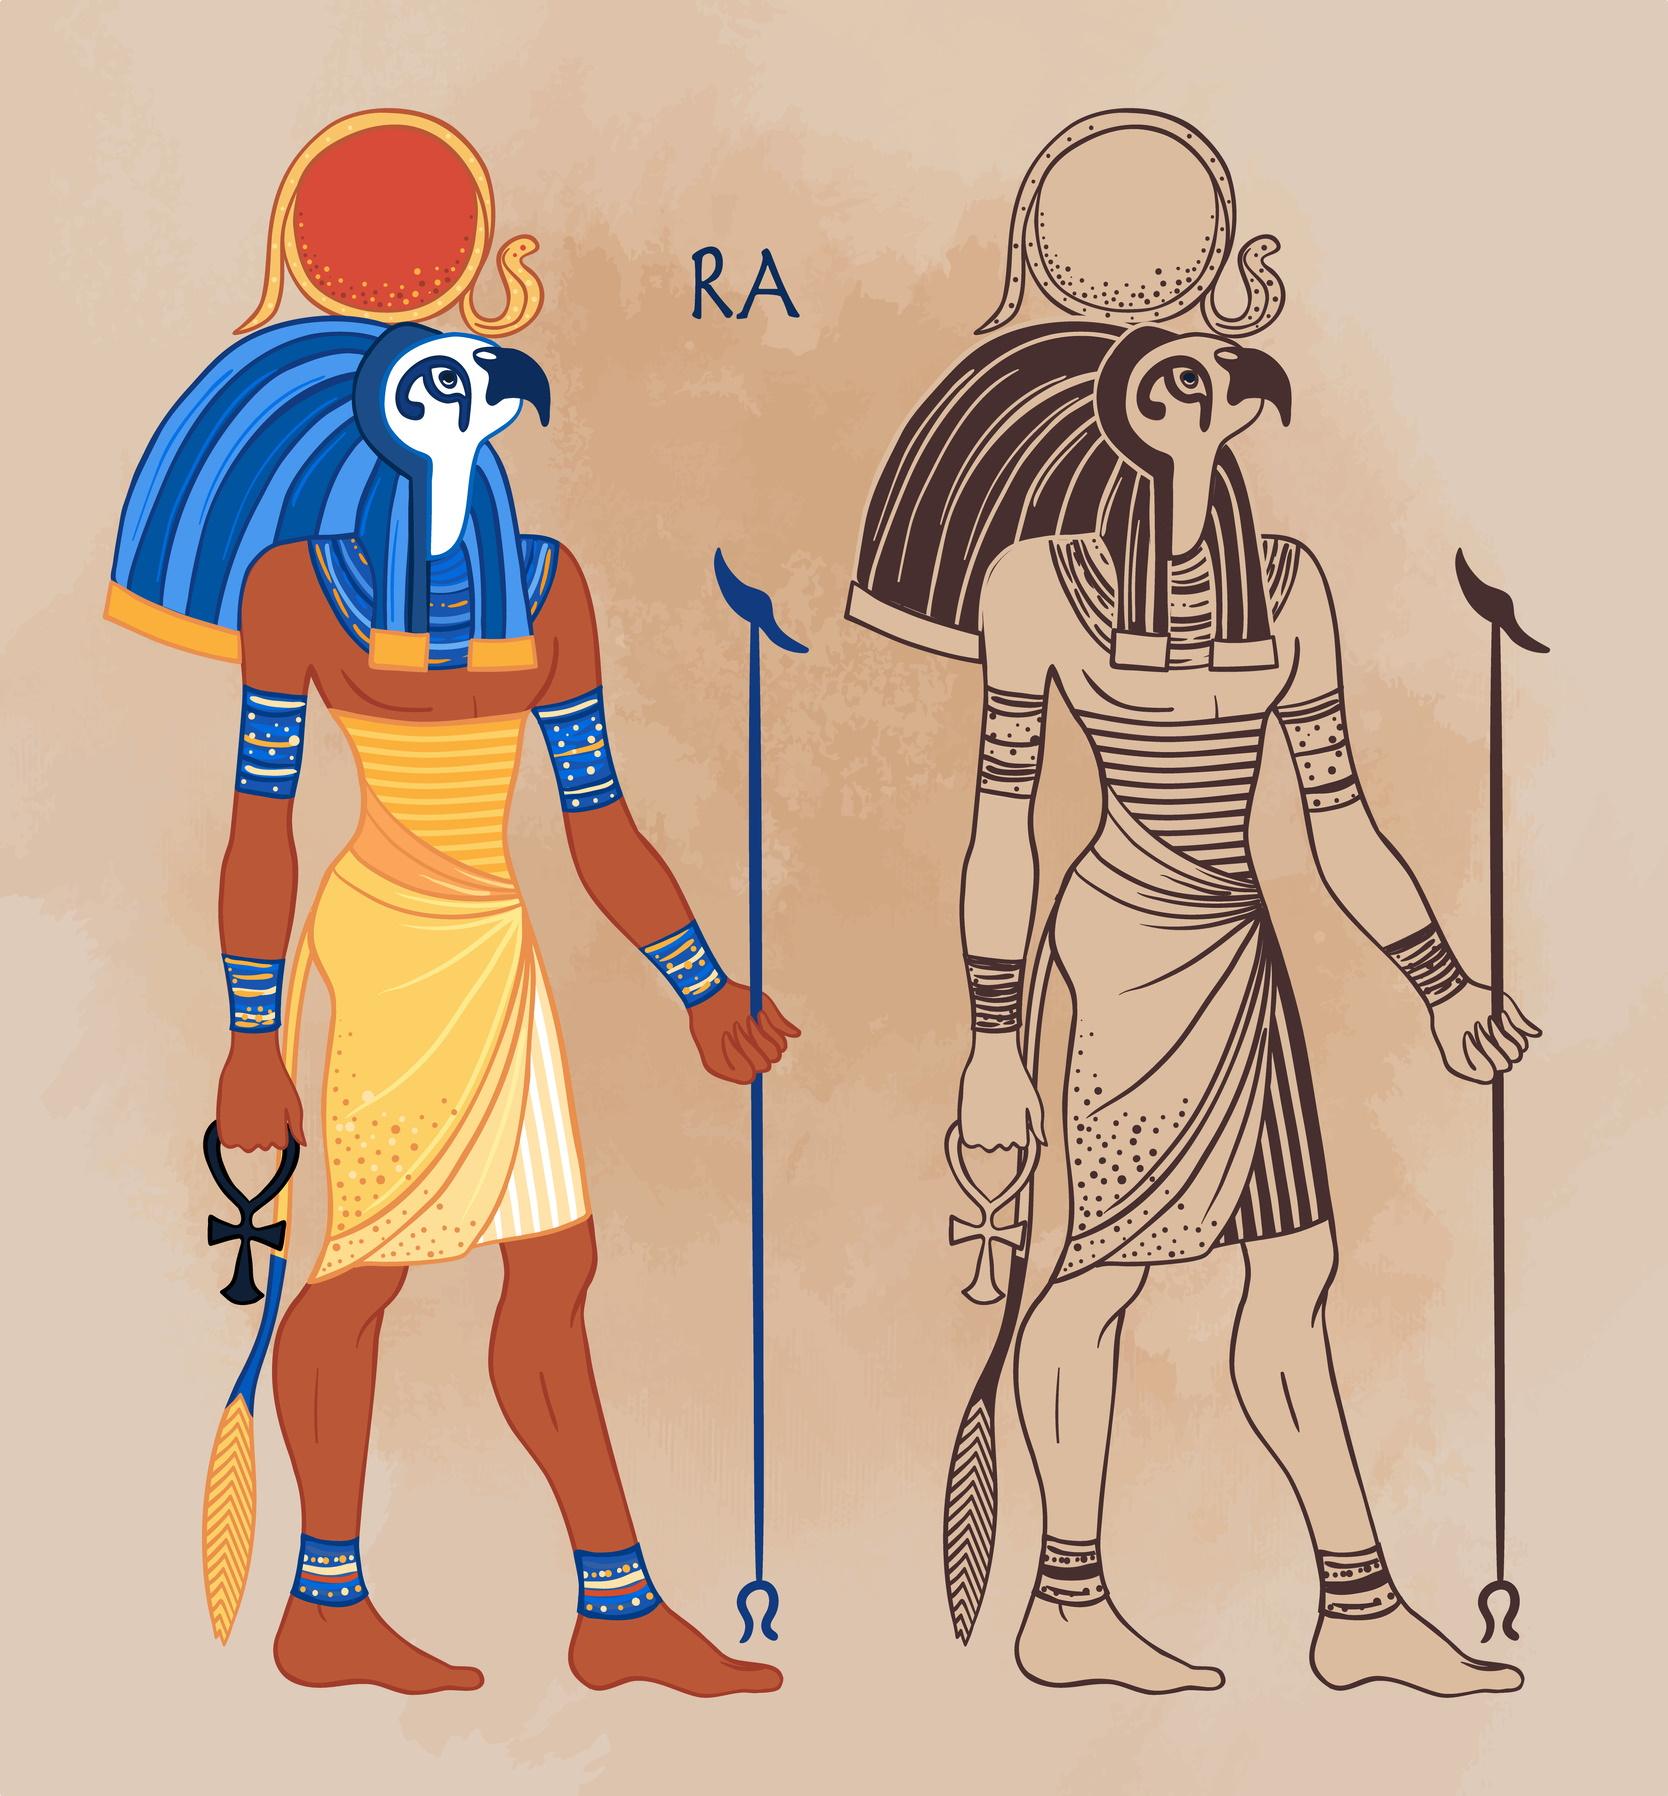 <p><strong>Амон Ра &ndash; богът, създател на целия свят &ndash; Телец</strong></p>  <p>Хората, родени под този знак, са силни и трудолюбиви, те стават страхотни лидери, защото са добри слушатели и обикновено са популярни сред своите връстници. Въпреки това те са склонни да се ядосват бързо, когато са изправени пред разочароващи ситуации.</p>